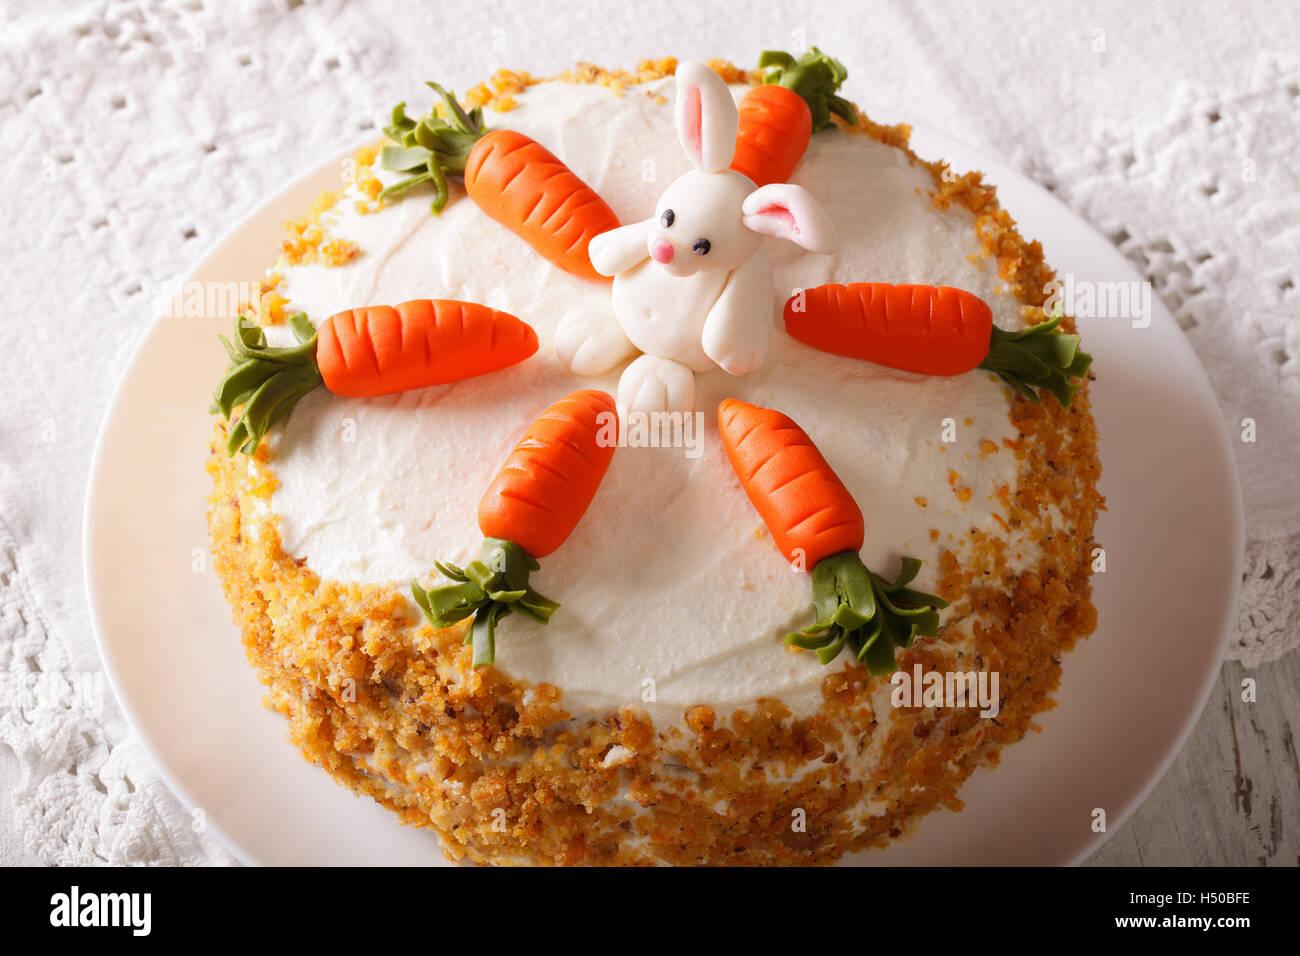 Schoner Kuchen Verziert Mit Karotte Und Bunny Nahaufnahme Auf Dem